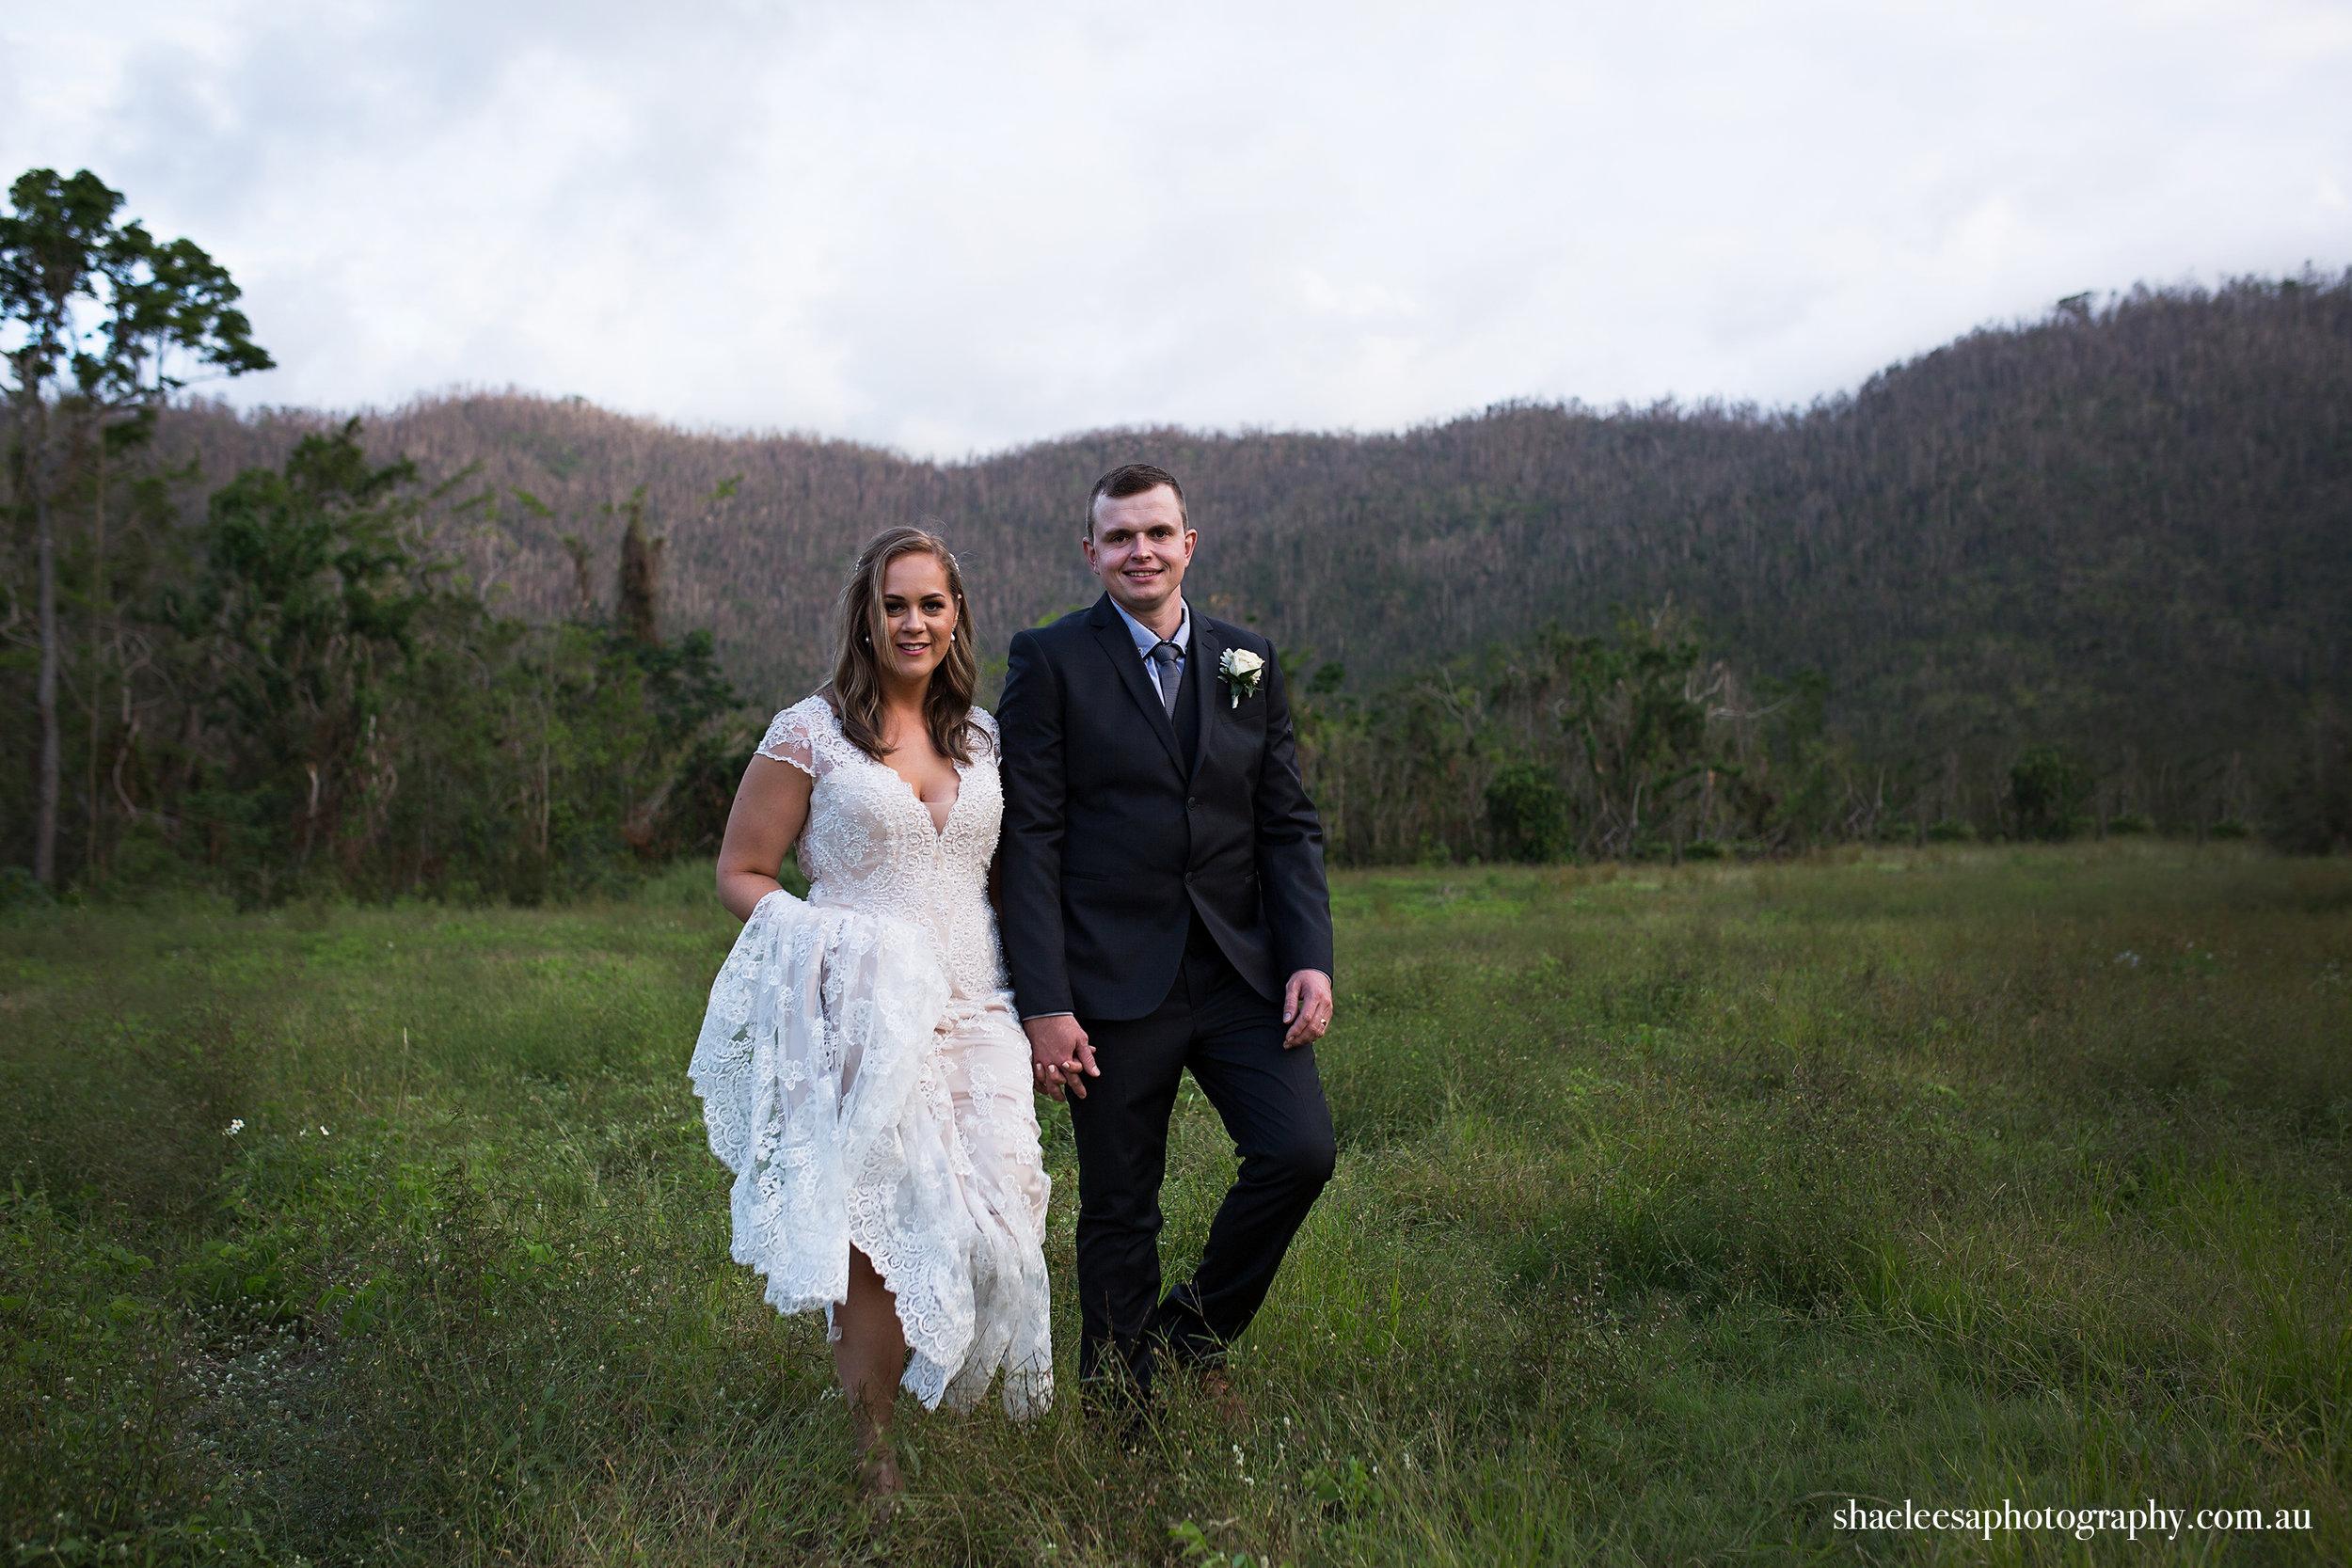 WeddingsByShae_190_McDermid2017.jpg